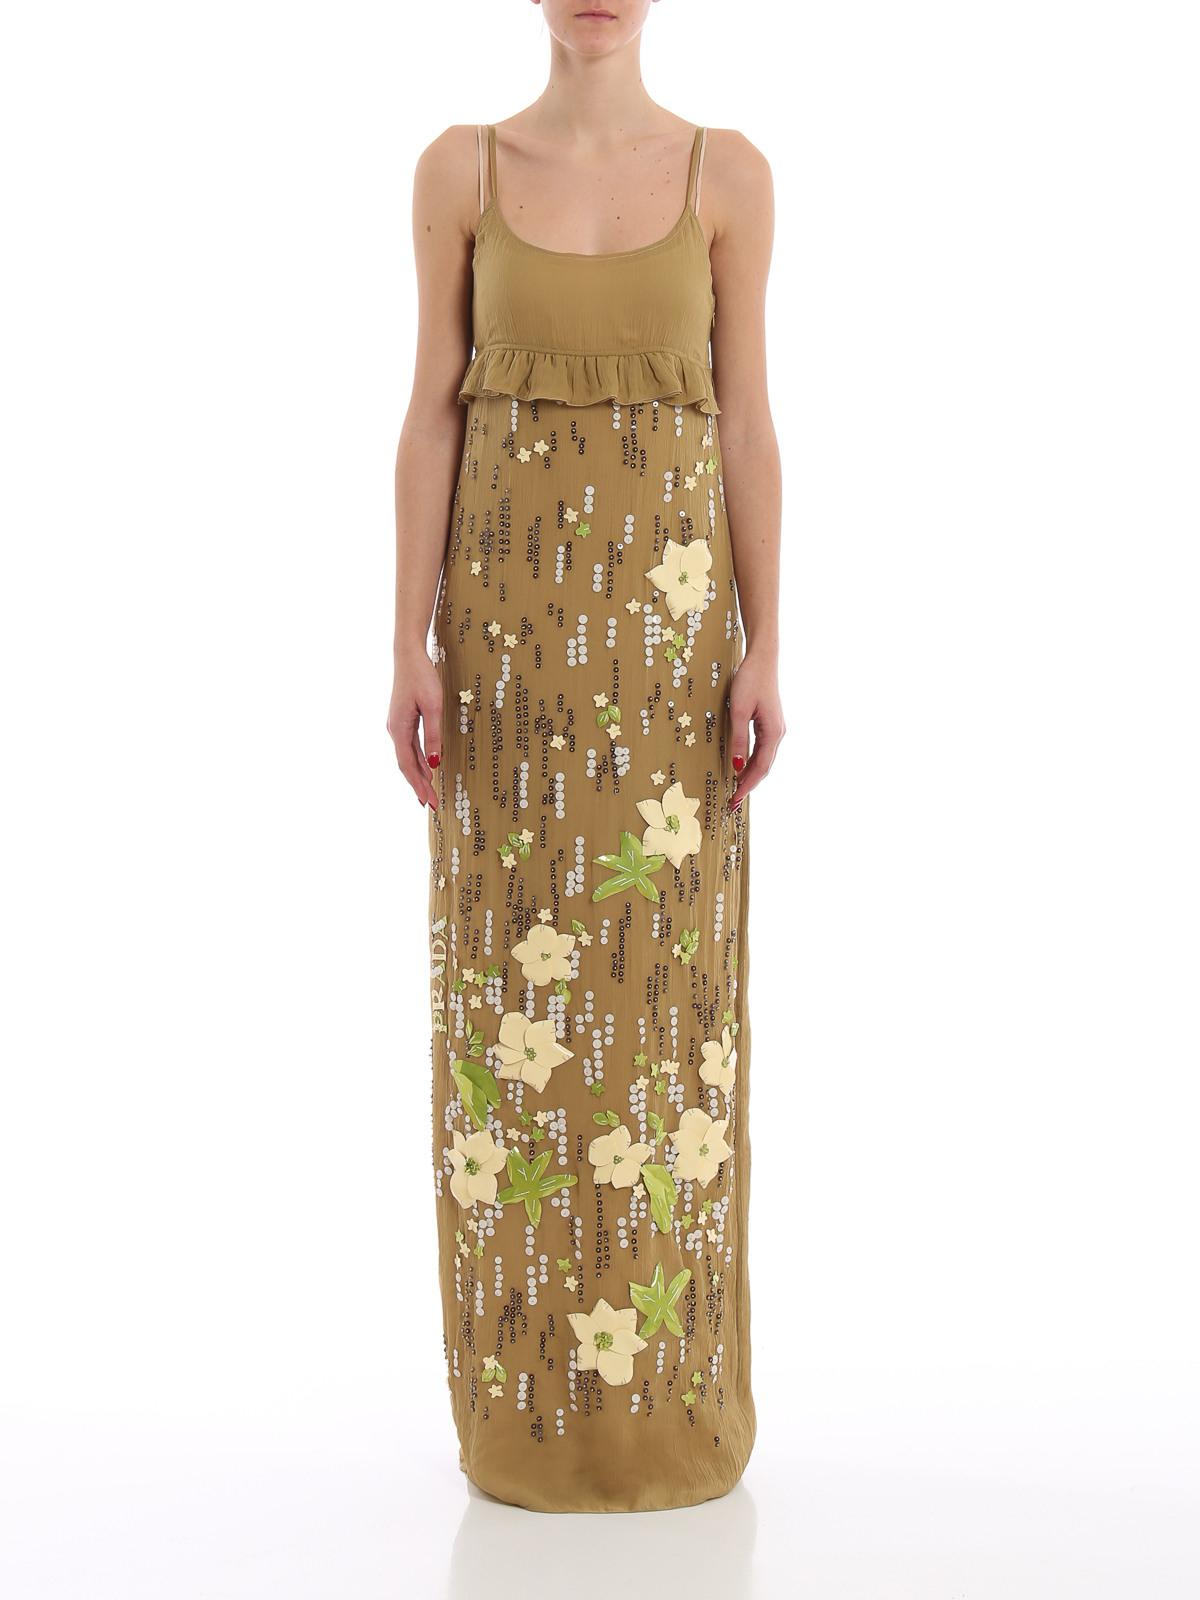 17 Schön Prada Abendkleid Vertrieb Cool Prada Abendkleid Vertrieb